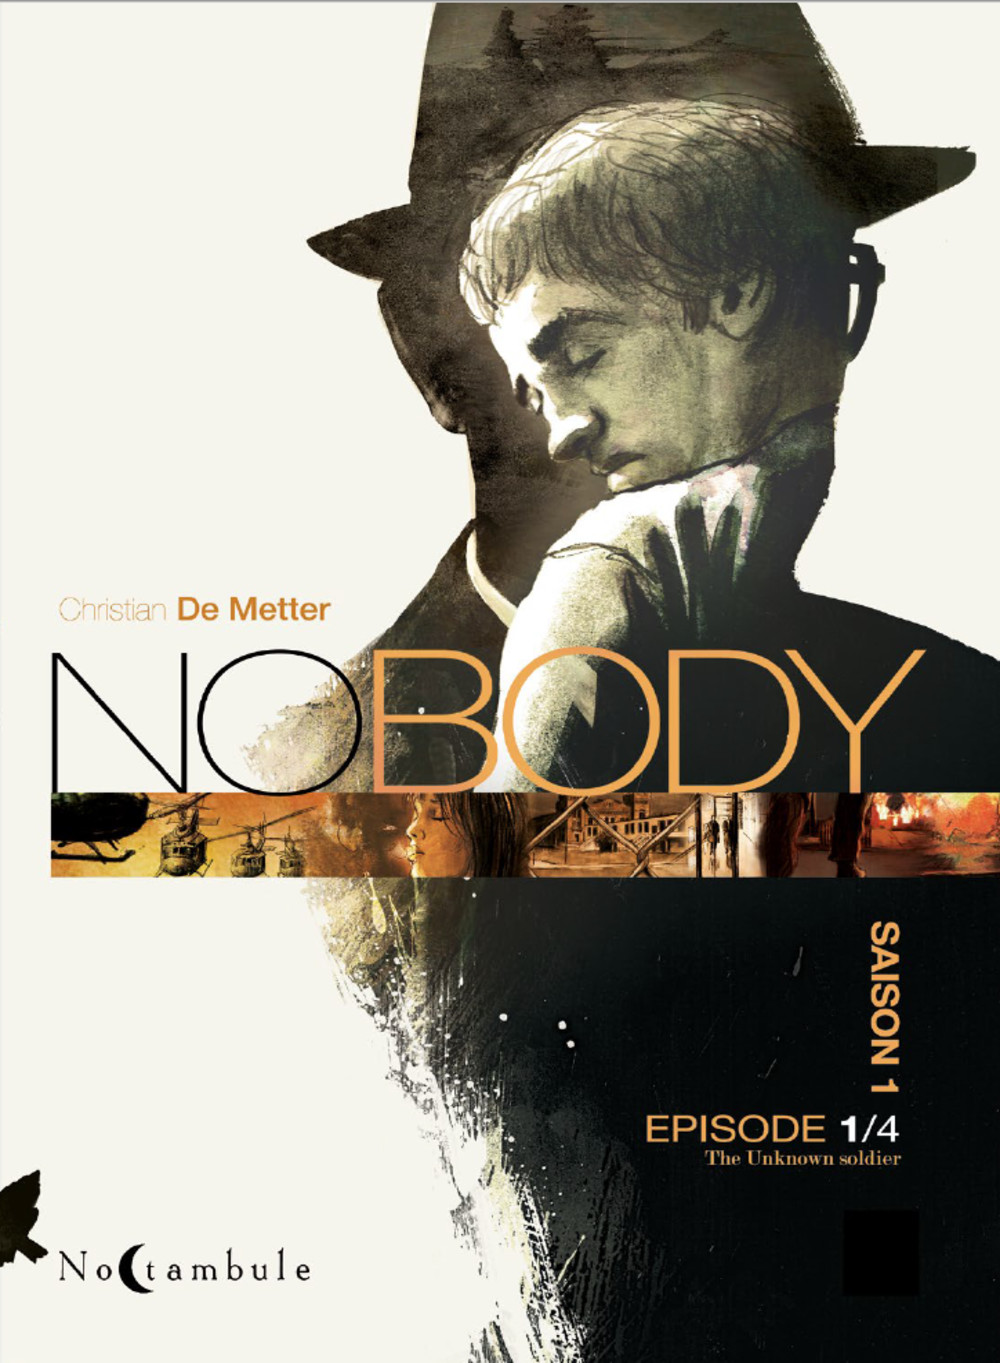 no-body-christian-de-metter-saison-1-soldat-inconnu-couverture